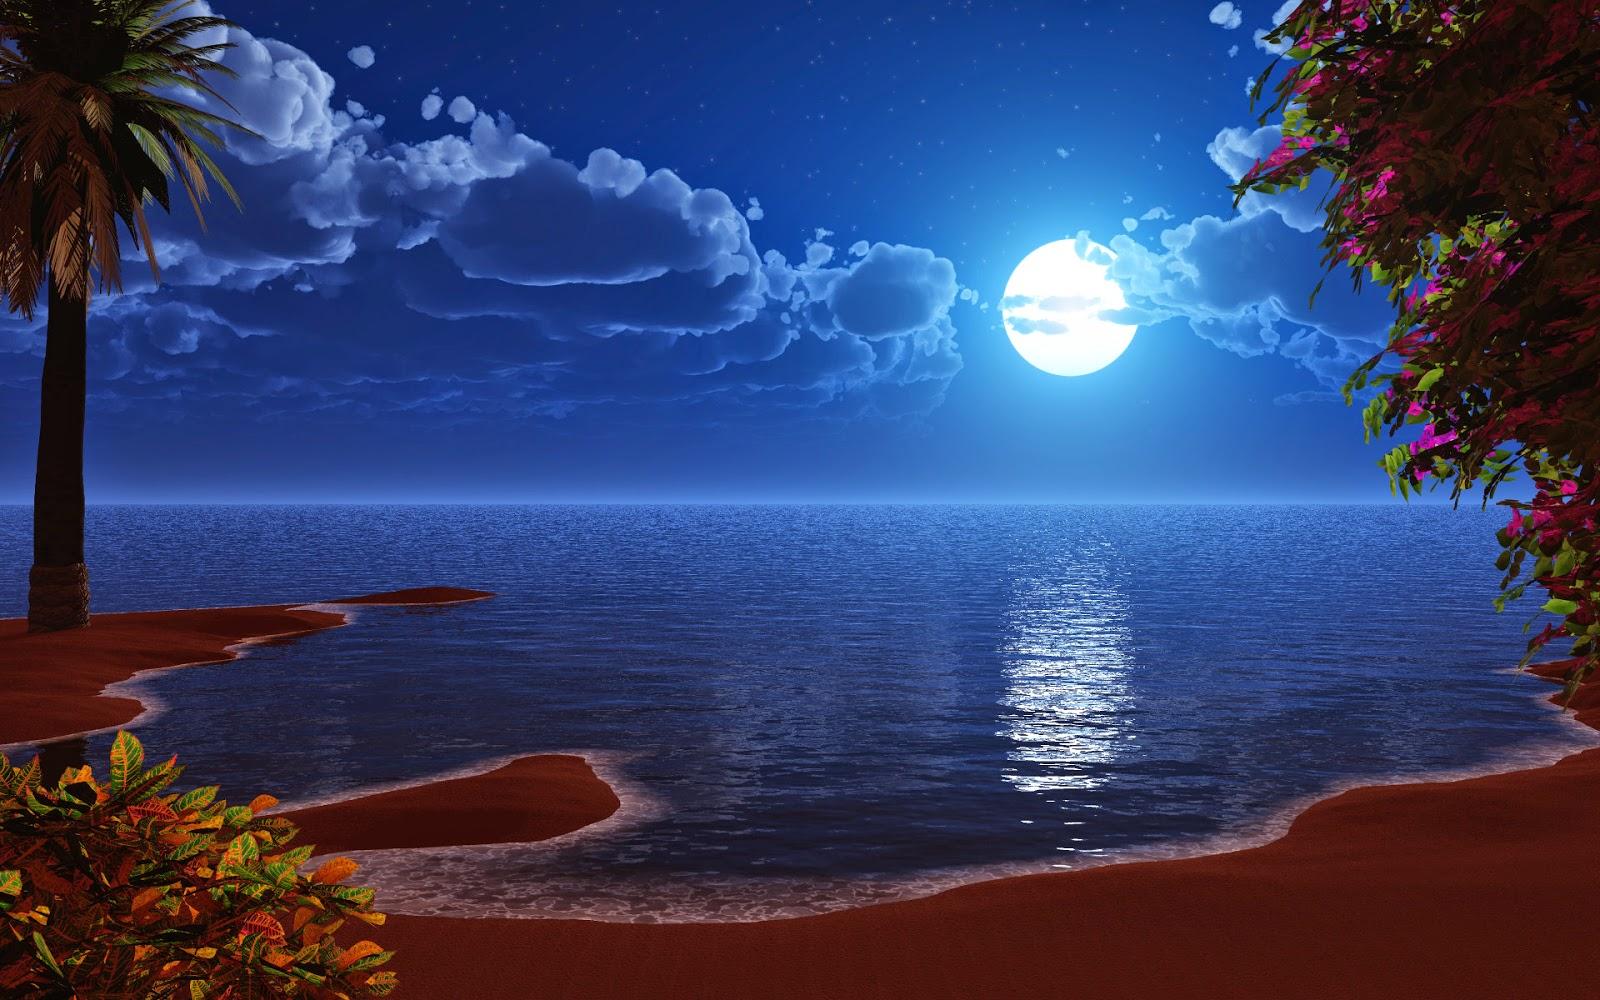 beauty-of-nature-at-night-in-full-moonlight[1].jpg